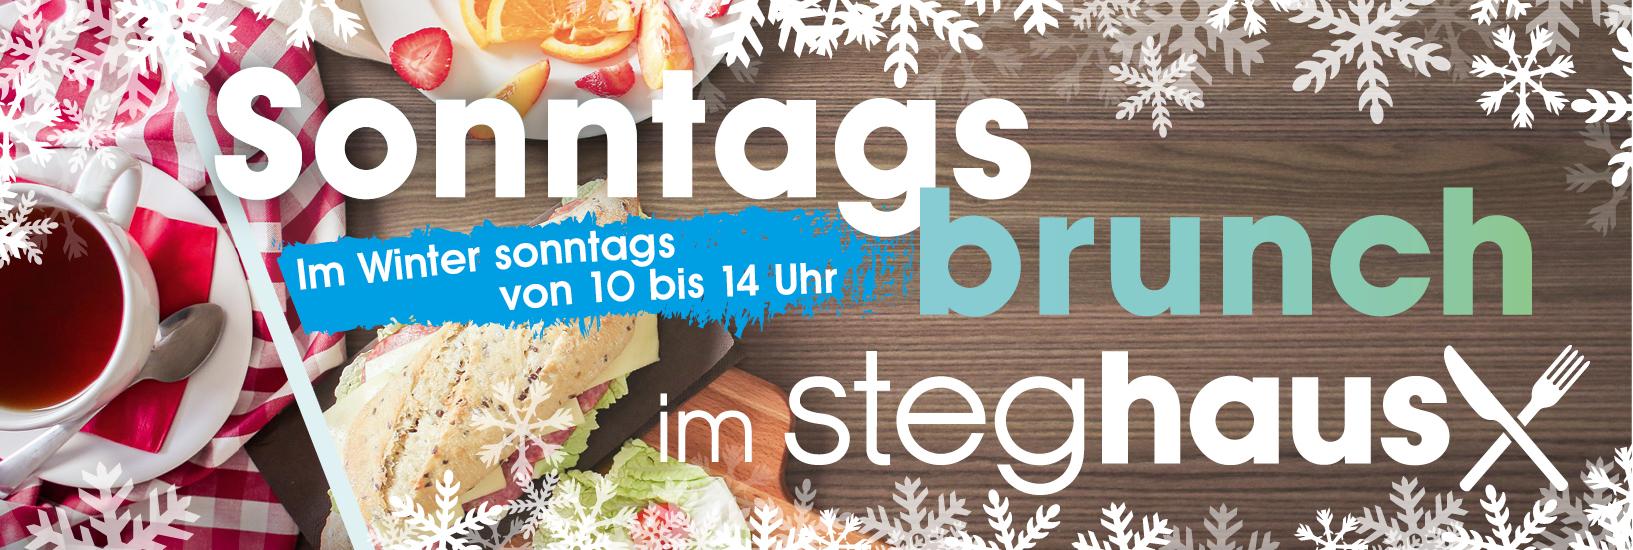 WC_Winter_Sonntagsbrunch_Slider_1632x550